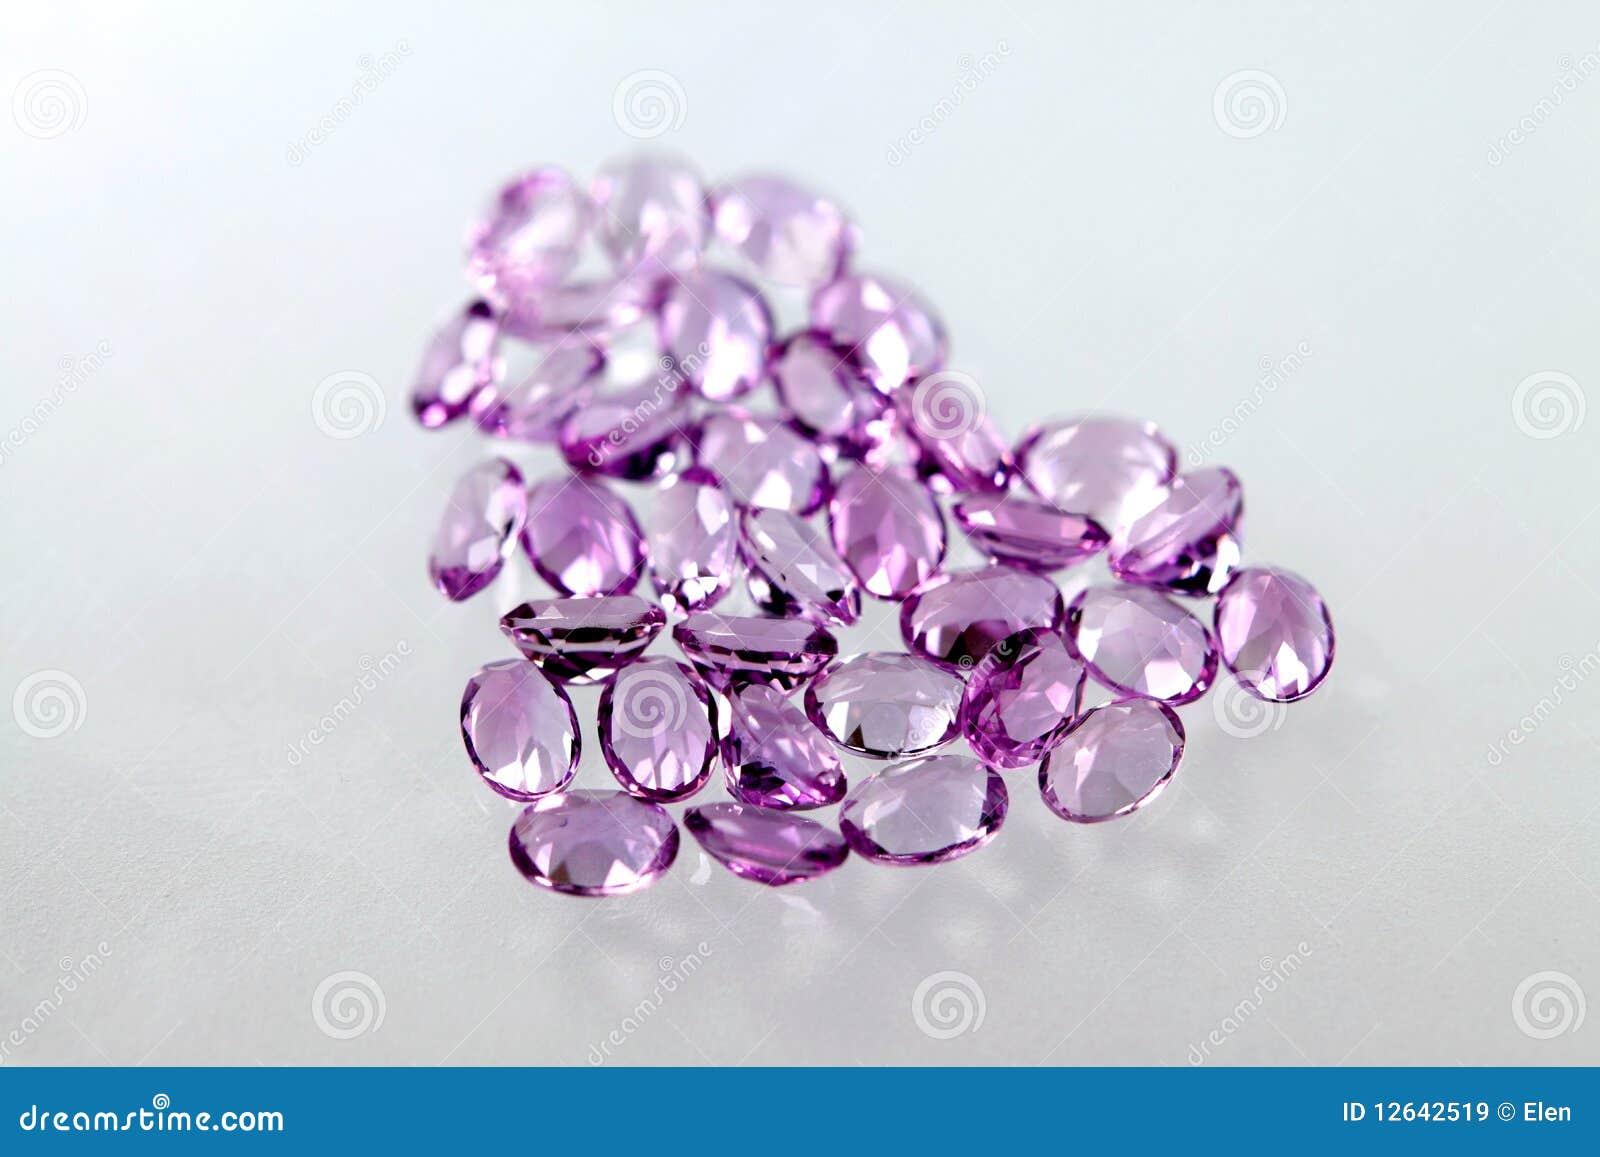 Luxury gems Amethyst